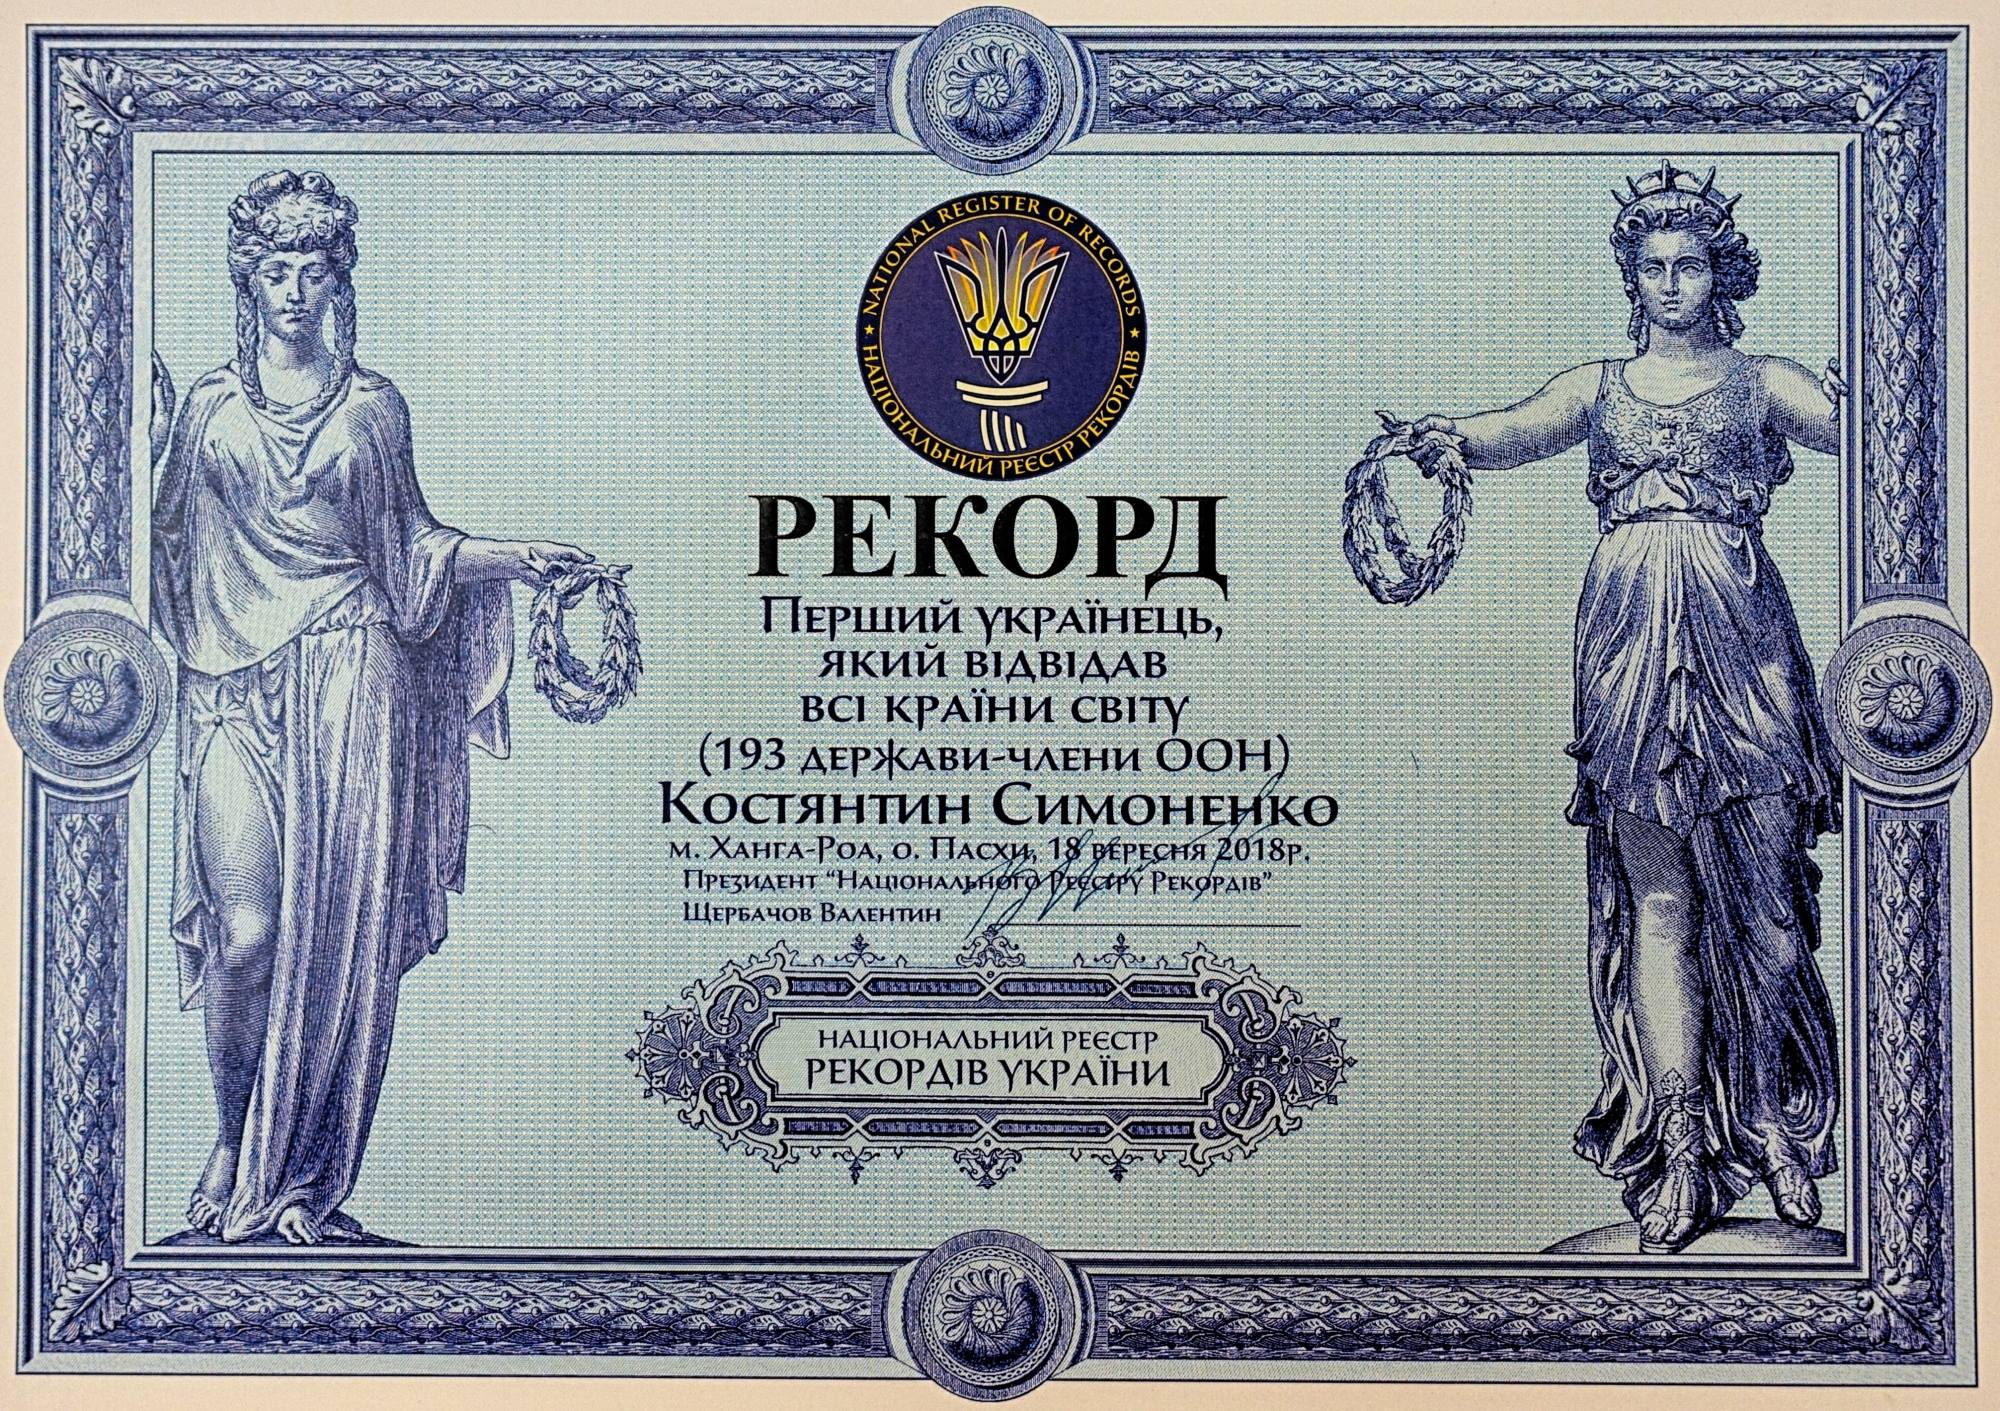 190318 2 - Перший українець, який відвідав усі країни світу!